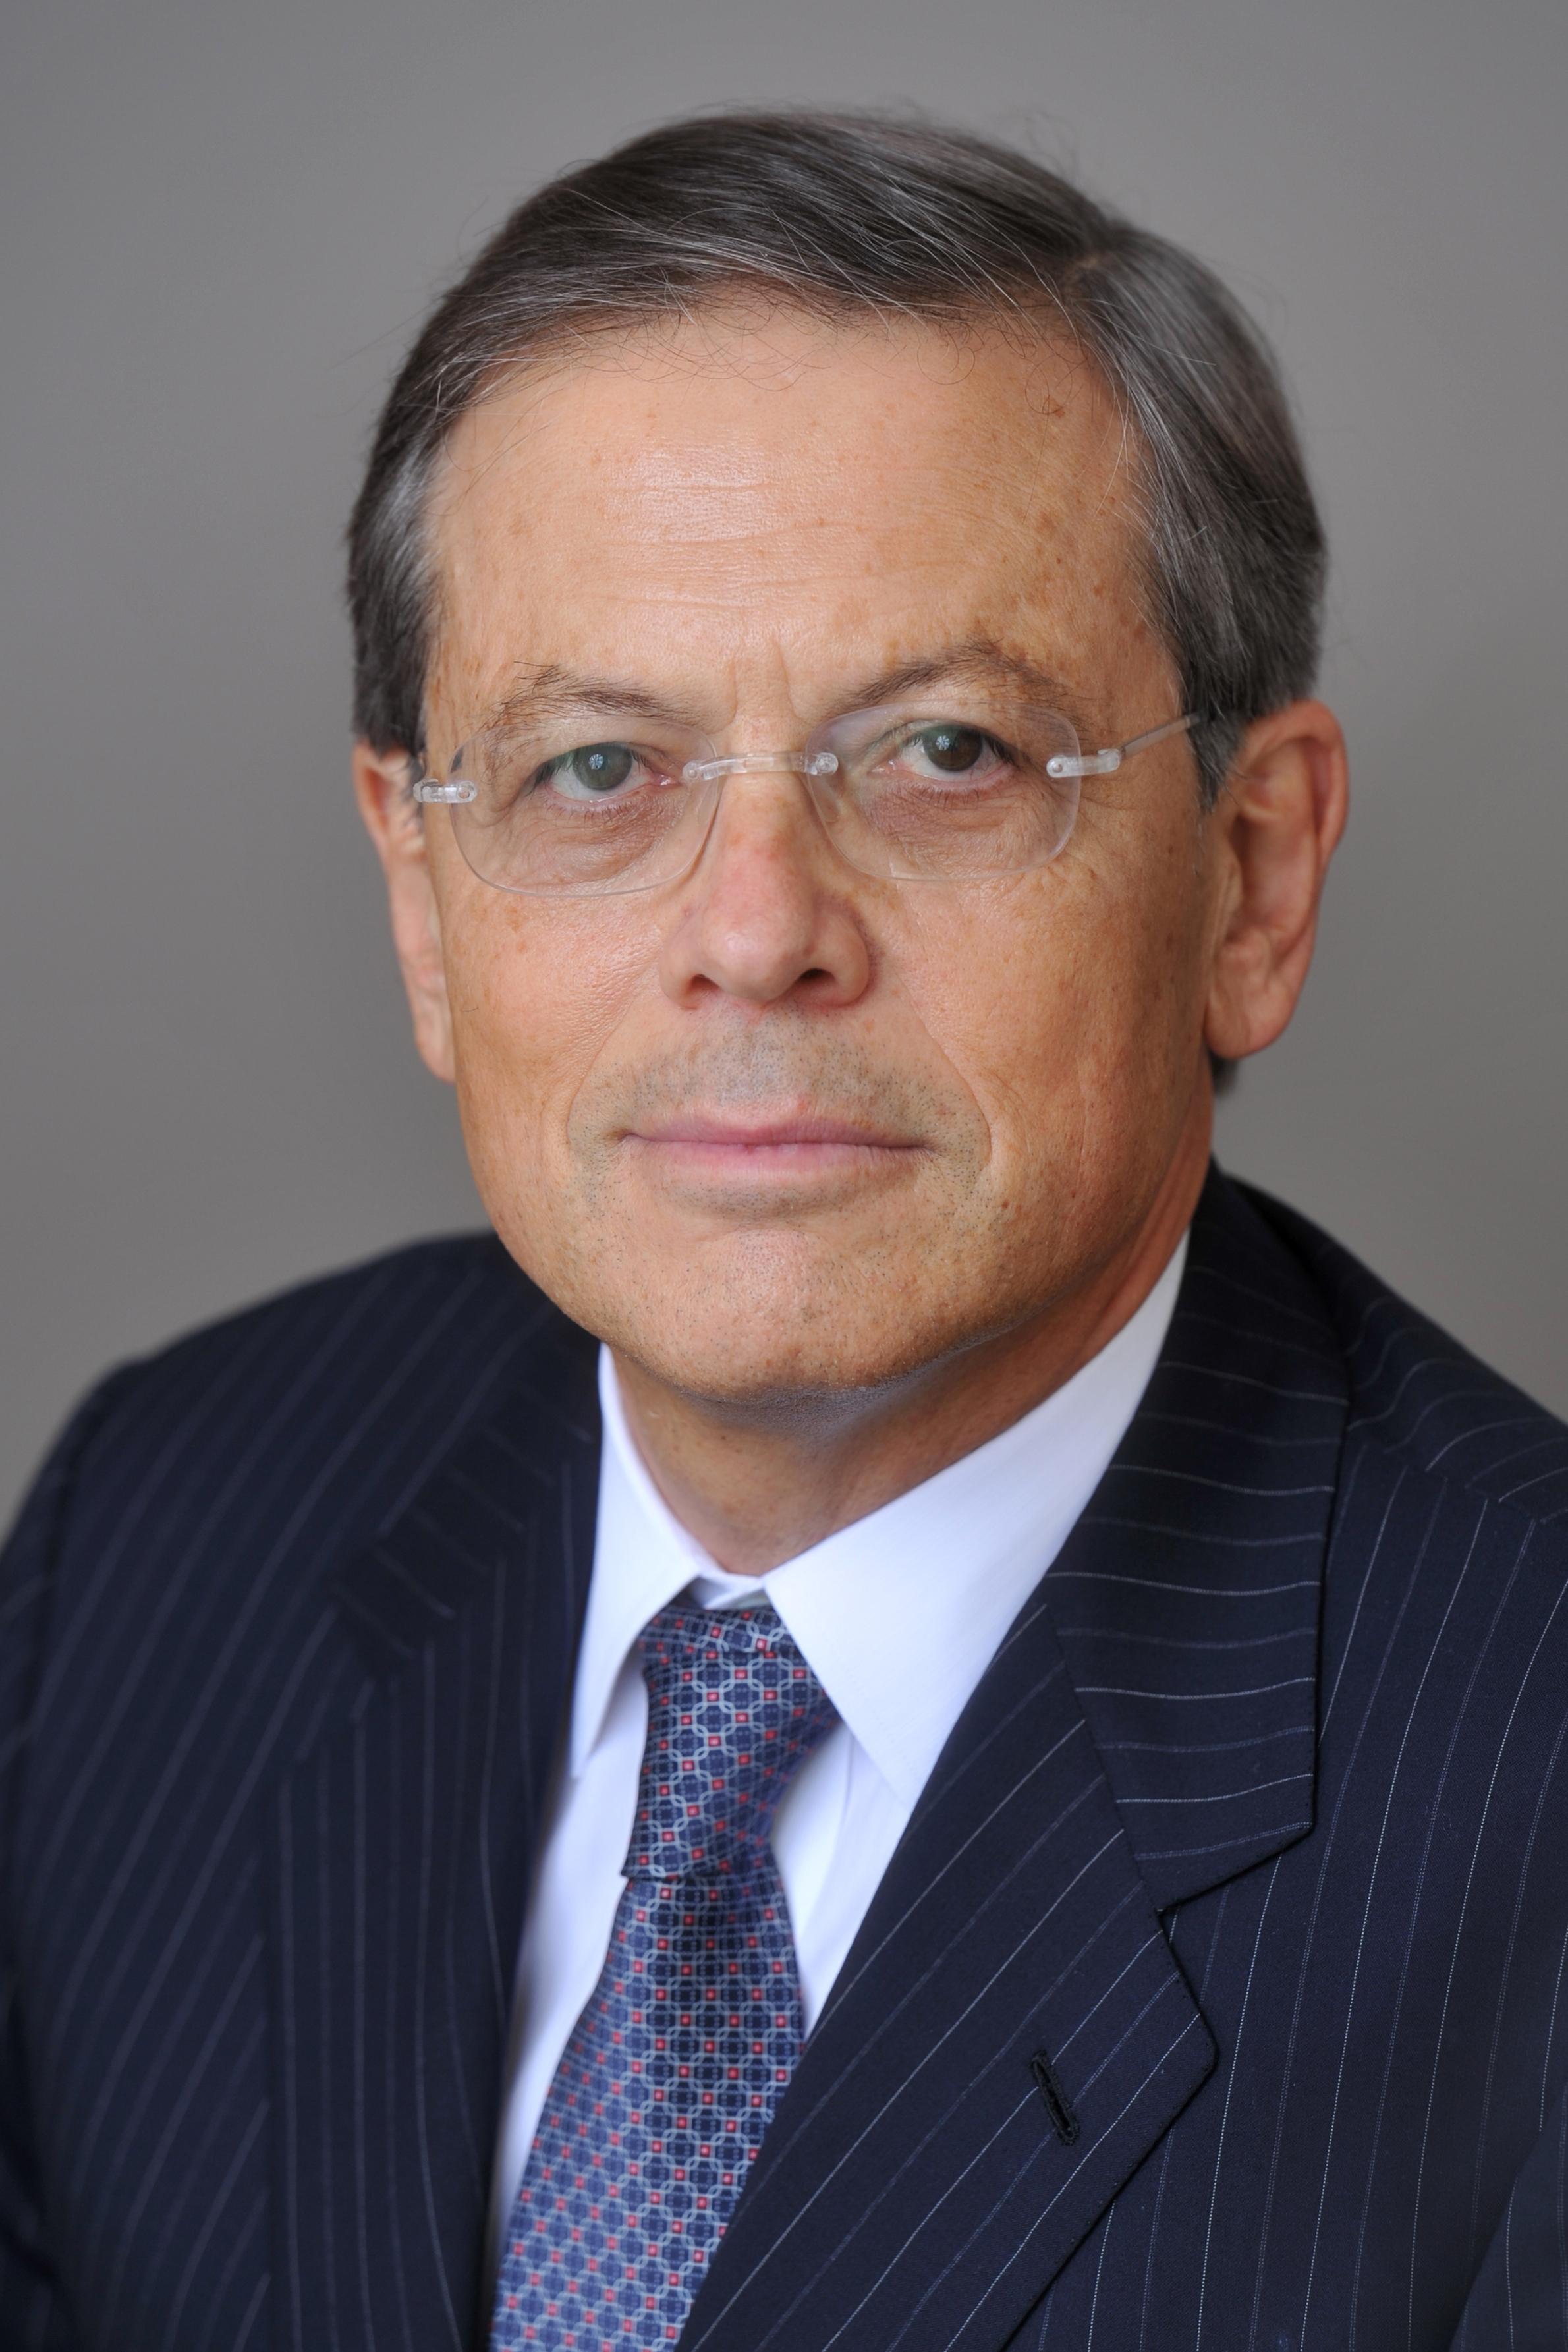 Dr. Arie Belldegrun, MD